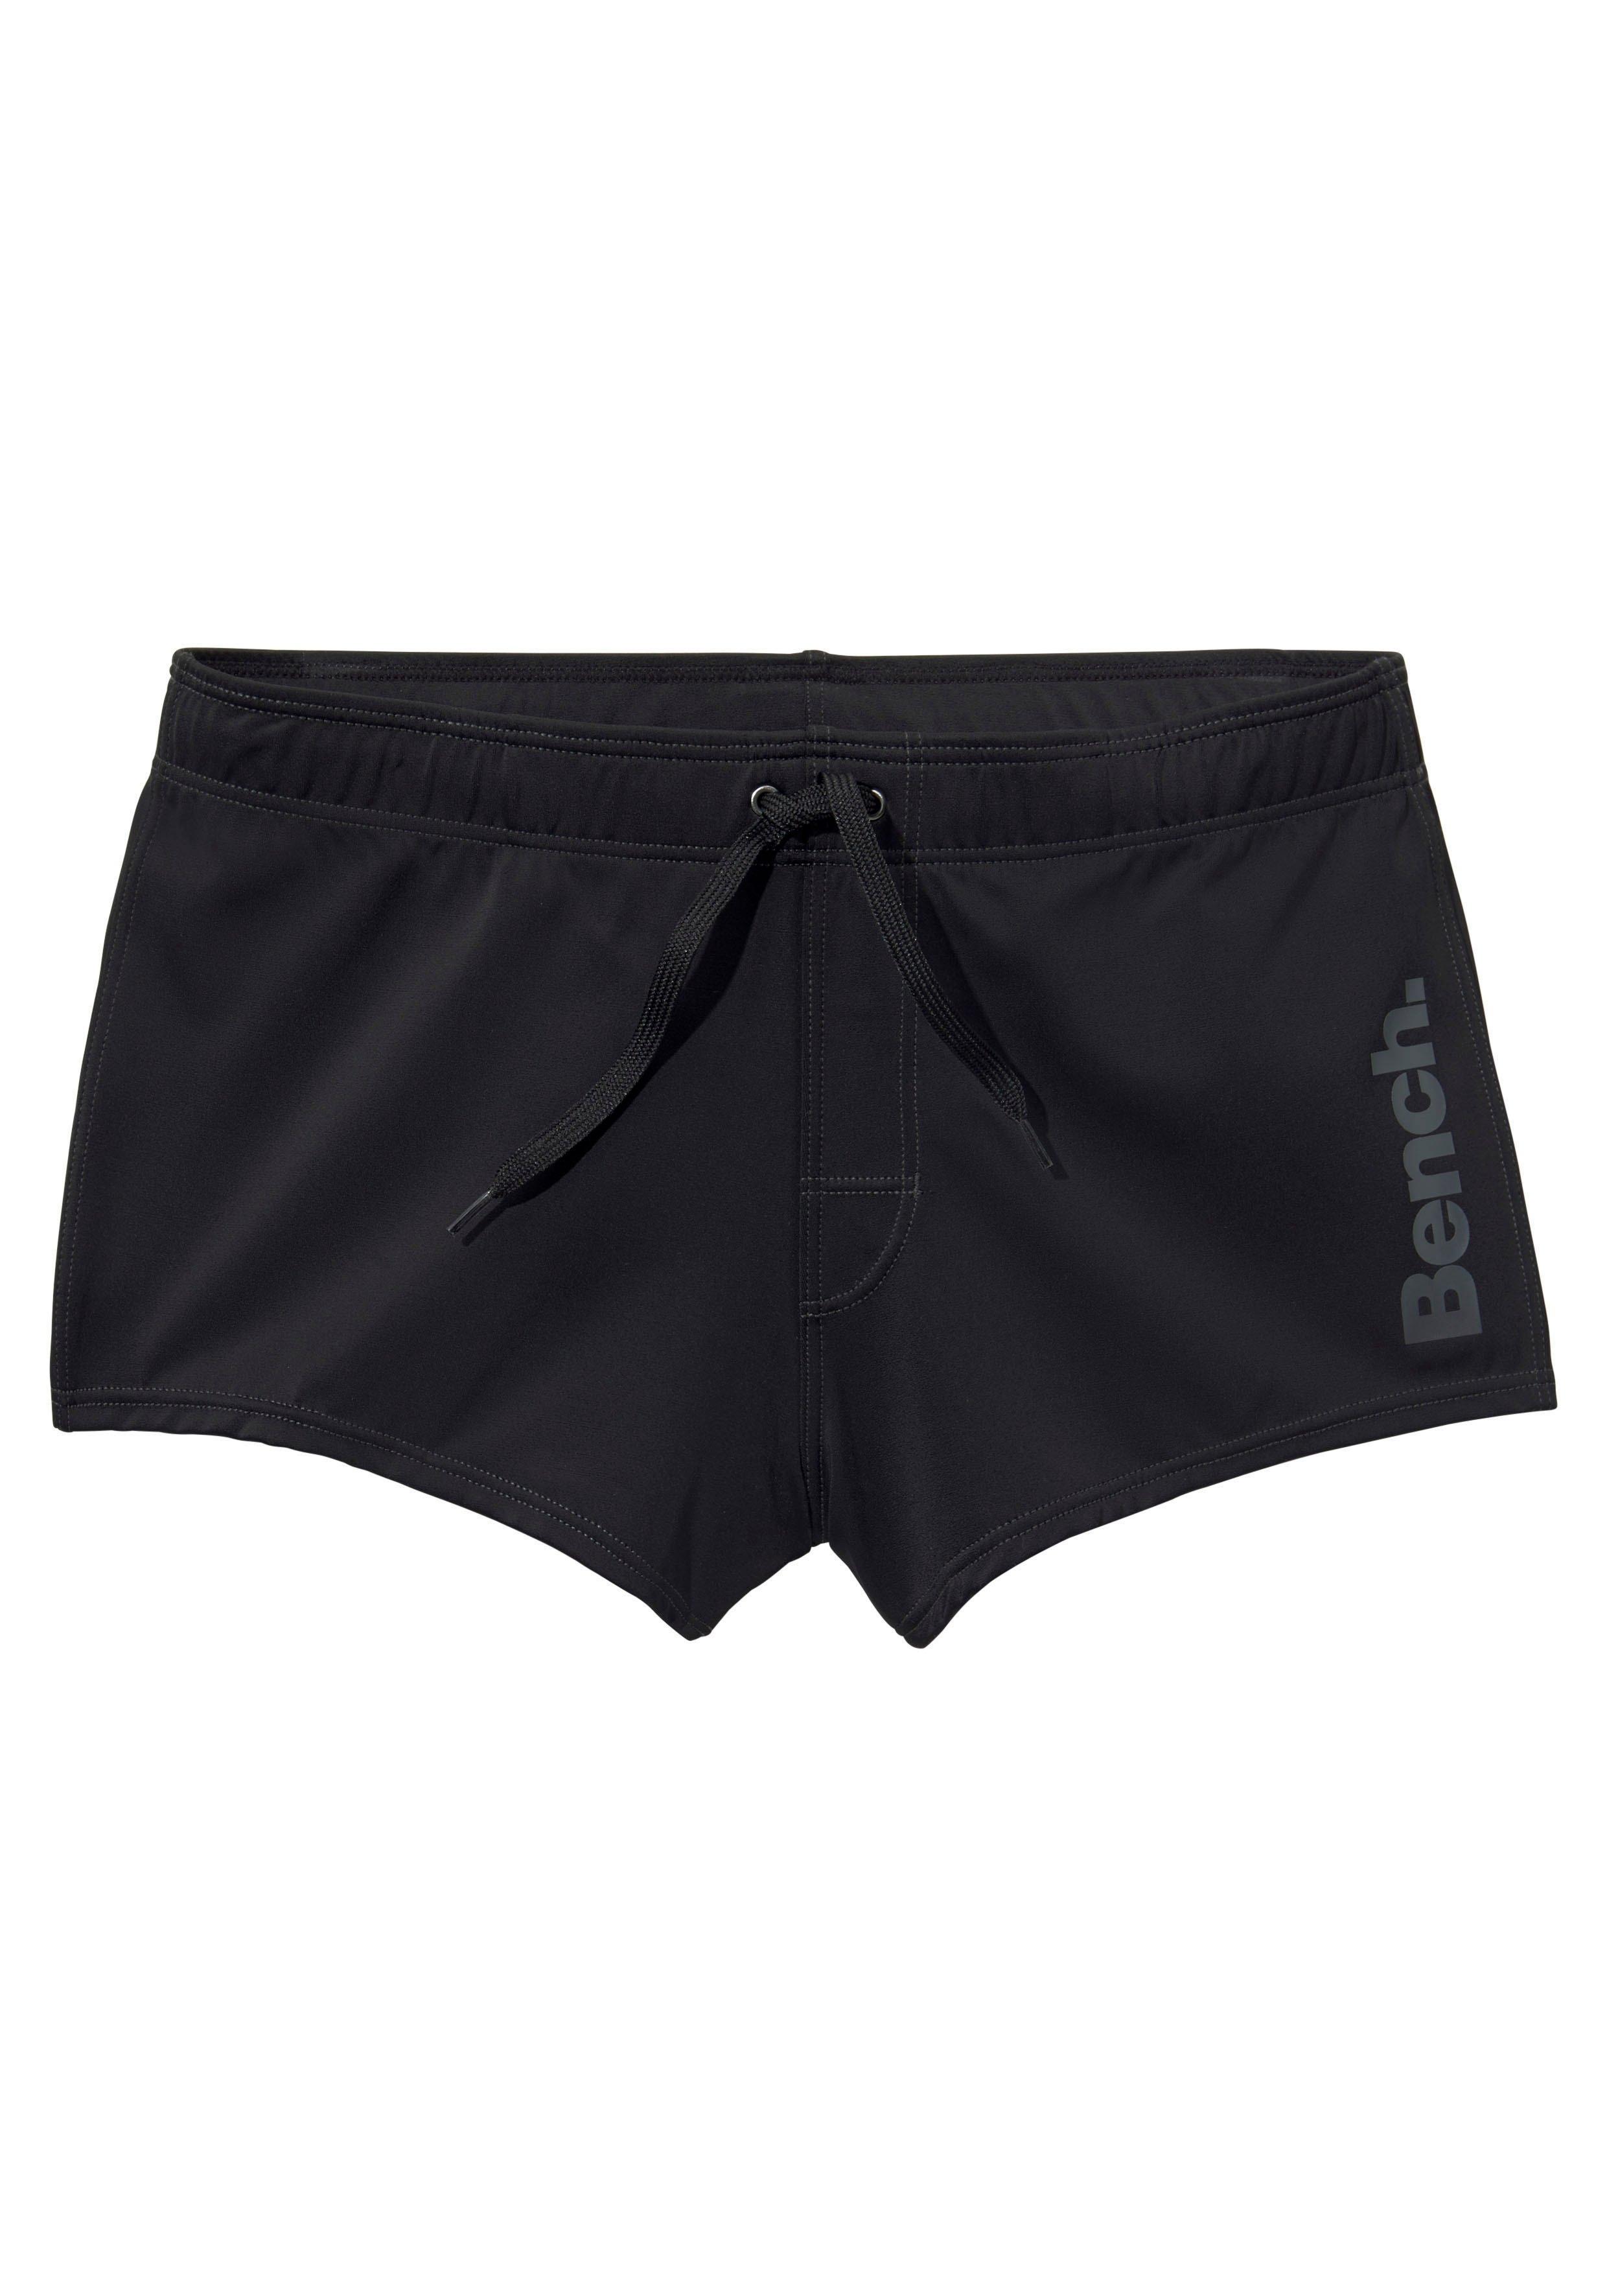 Bench. zwemboxer met logoprint opzij veilig op lascana.nl kopen